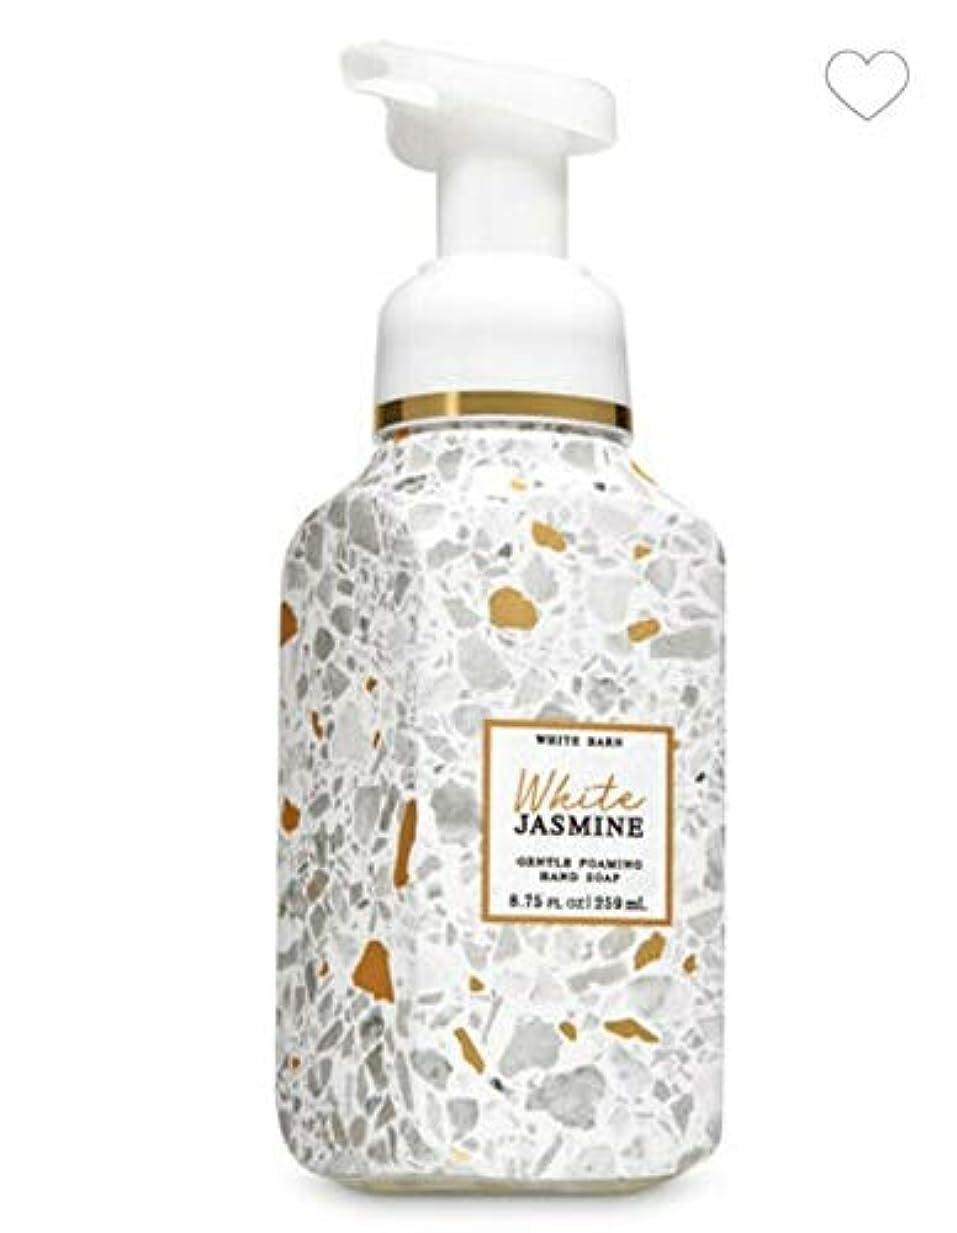 書き出す実際の反論者バス&ボディワークス ホワイトジャスミン ジェントル フォーミング ハンドソープ White Jasmine Gentle Foaming Hand Soap